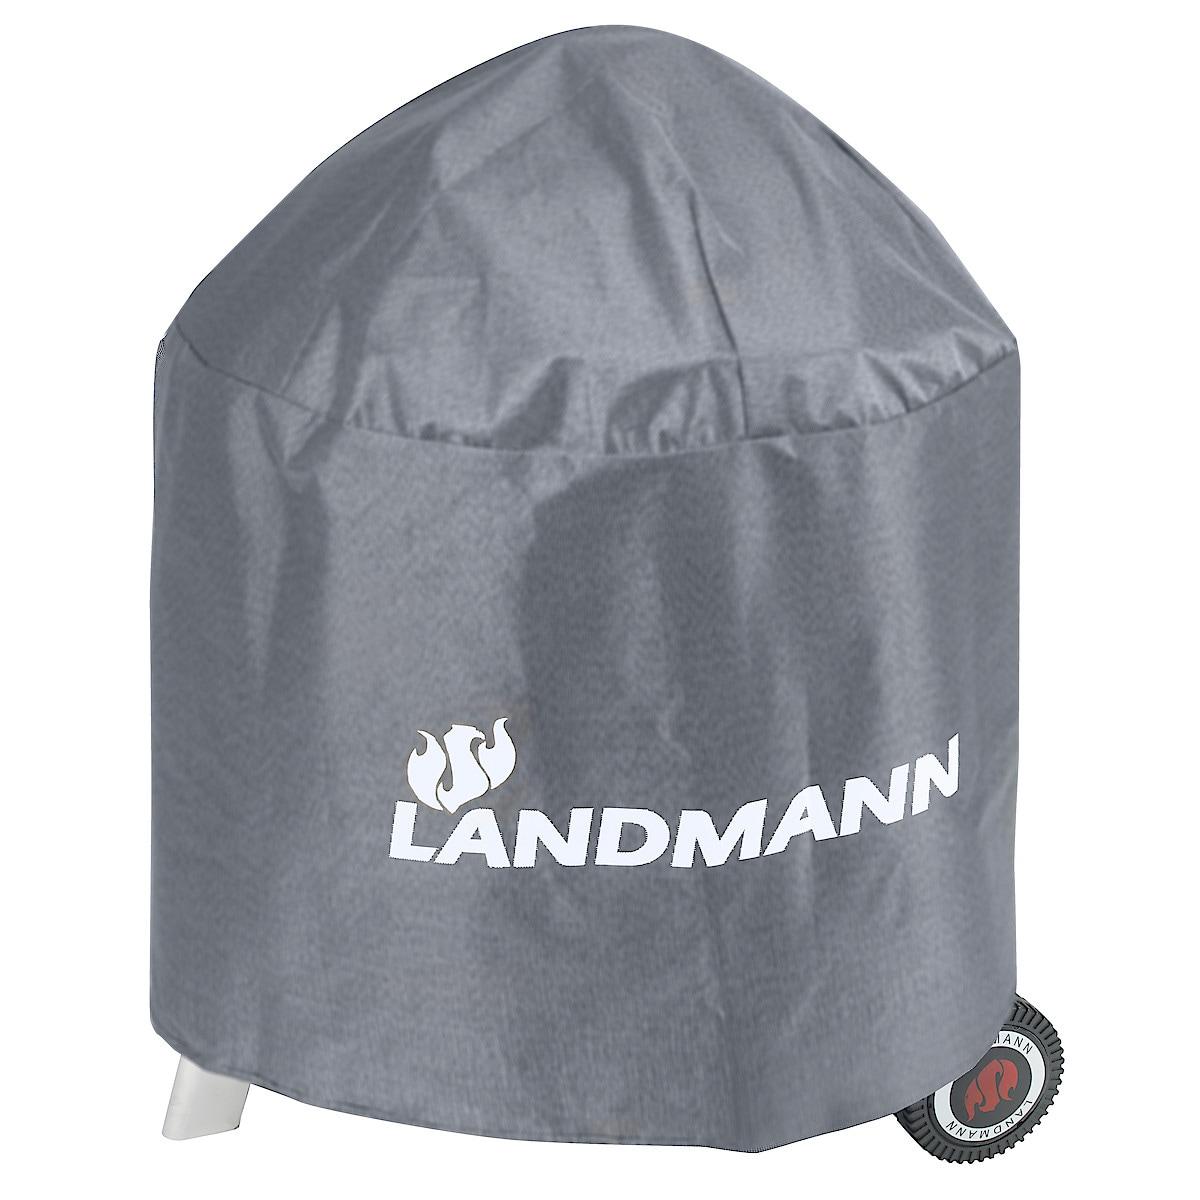 Skyddsöverdrag till klotgrill Landmann